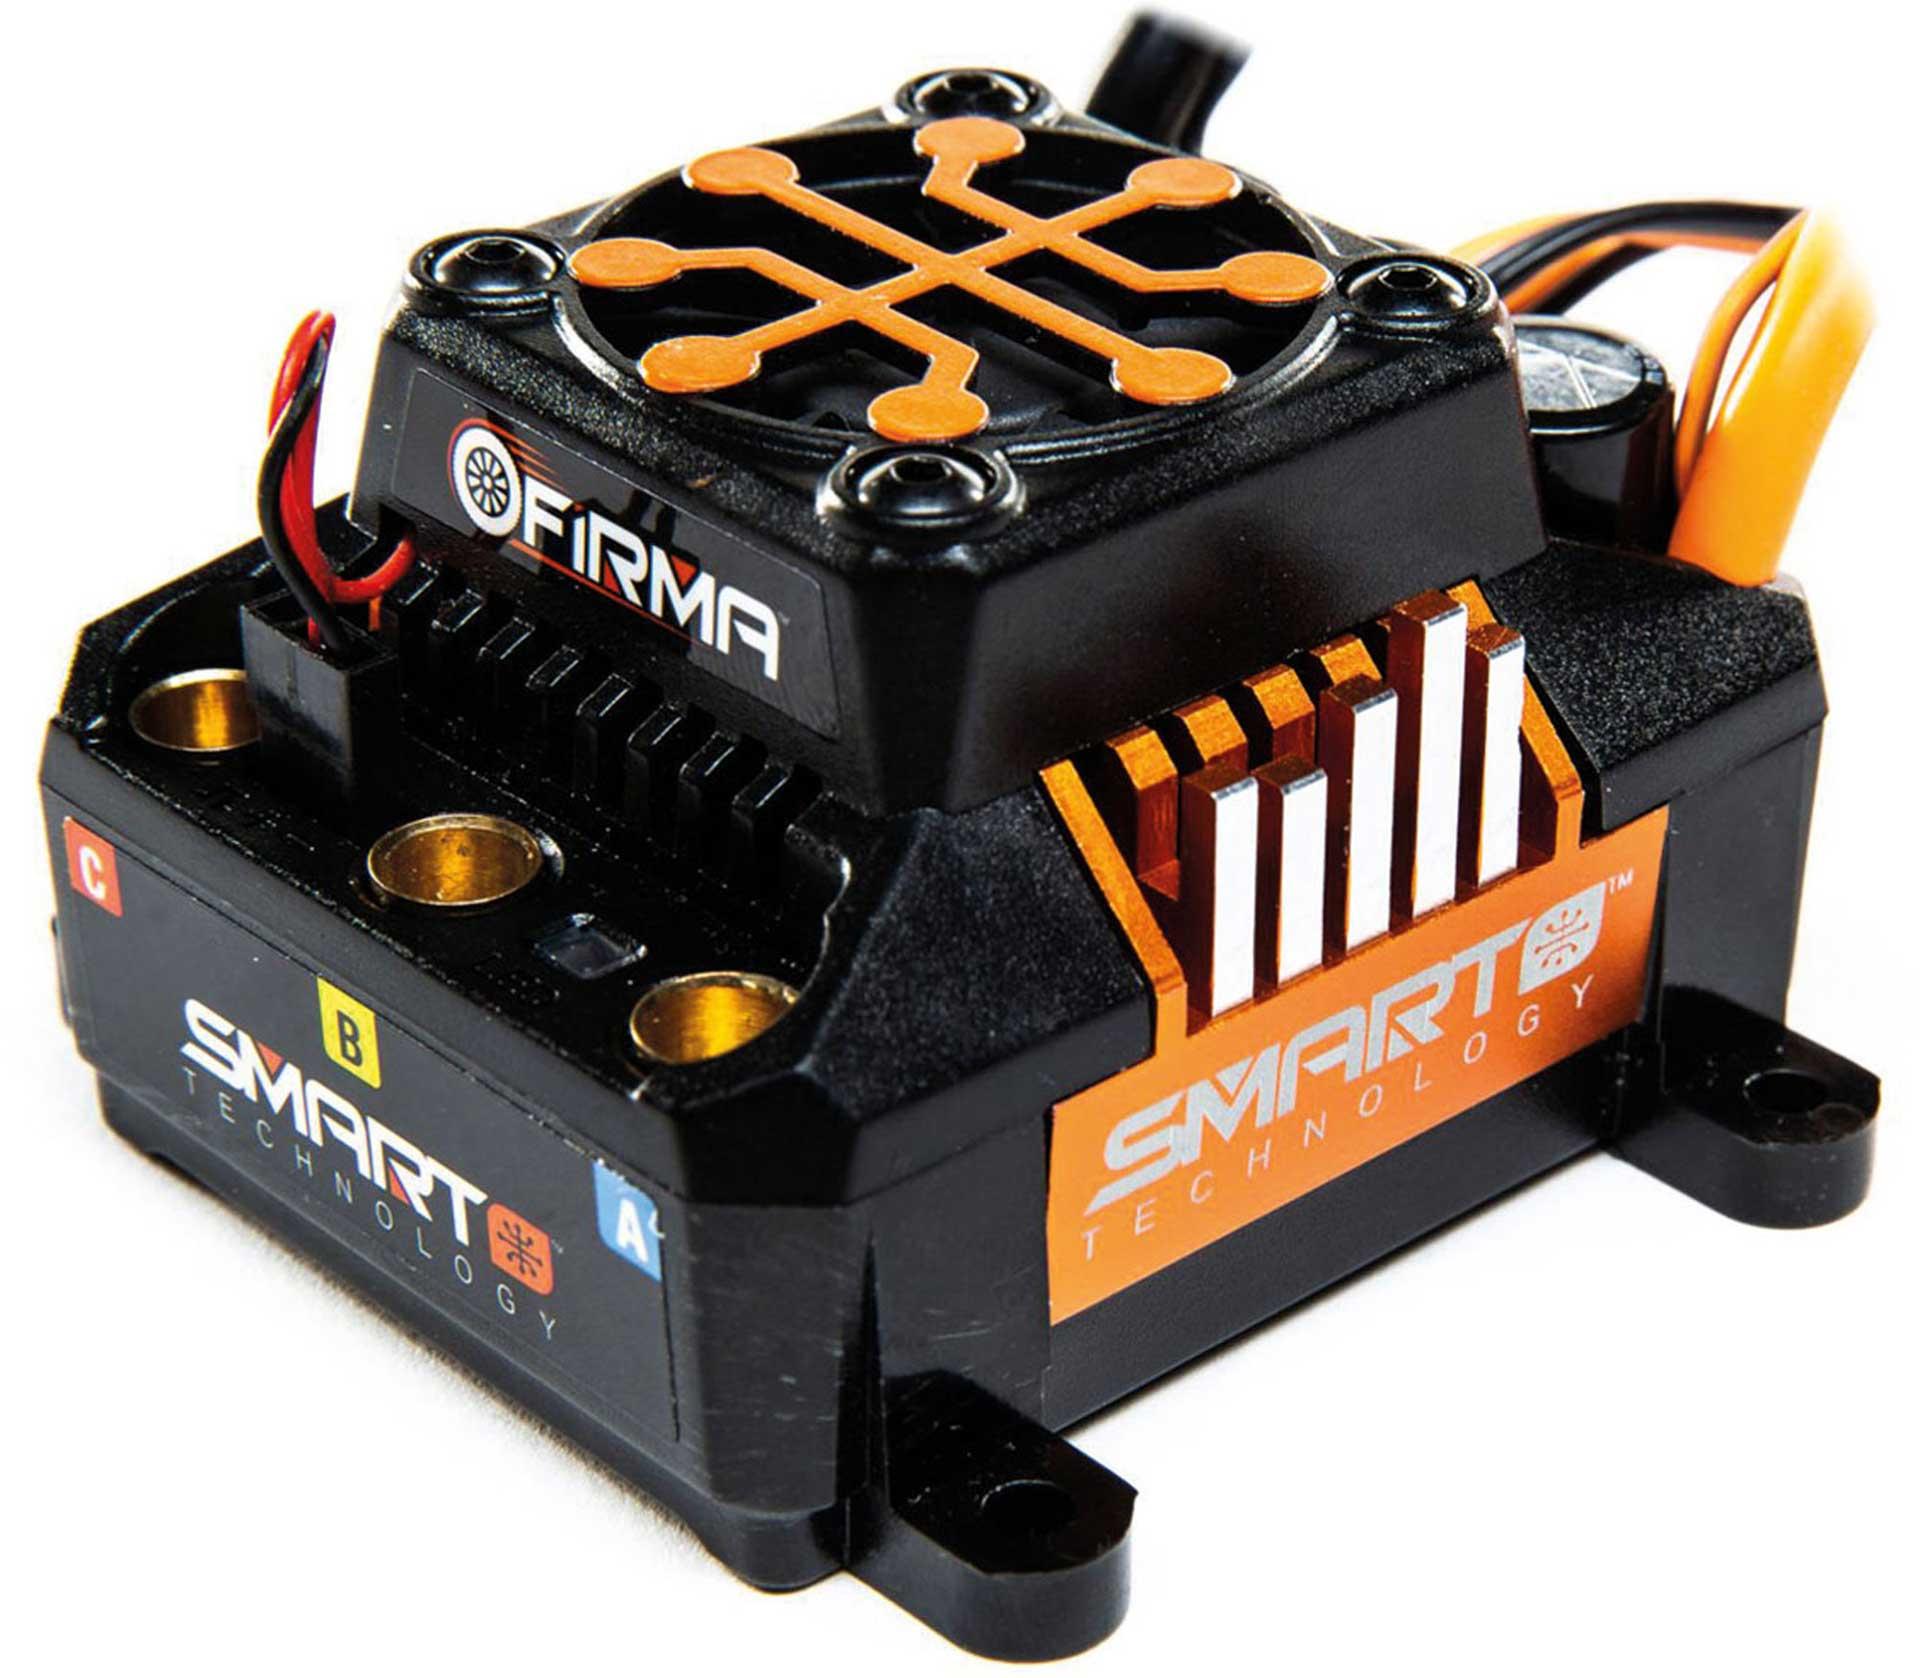 SPEKTRUM FIRMA 160 AMP BRUSHLESS SMART ESC 3S-8S